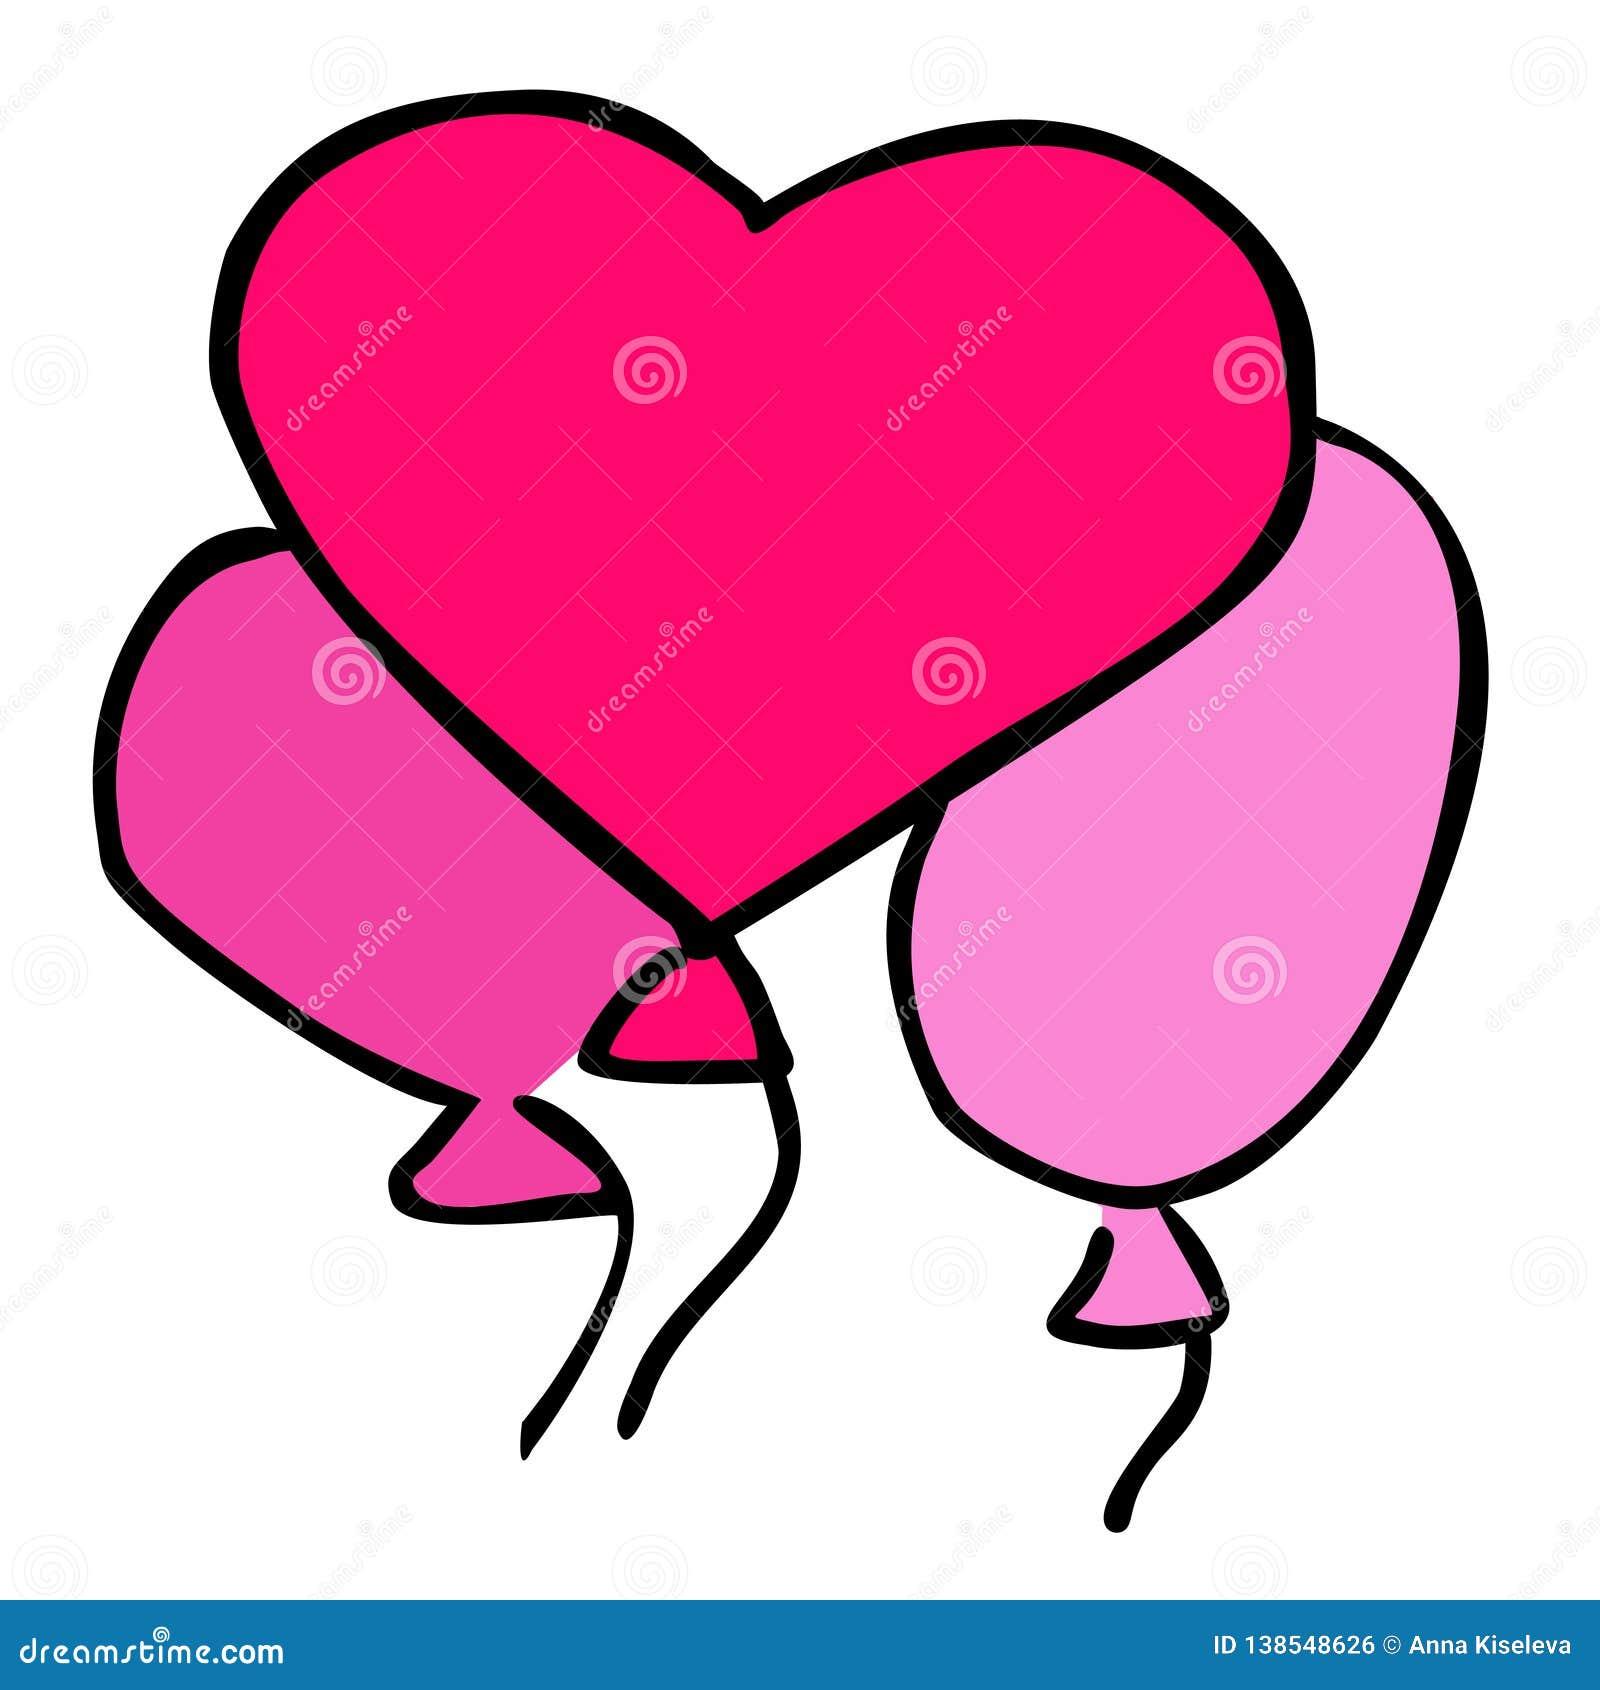 Διάνυσμα των μπαλονιών καρδιών κινούμενων σχεδίων που απομονώνεται σε ένα άσπρο υπόβαθρο